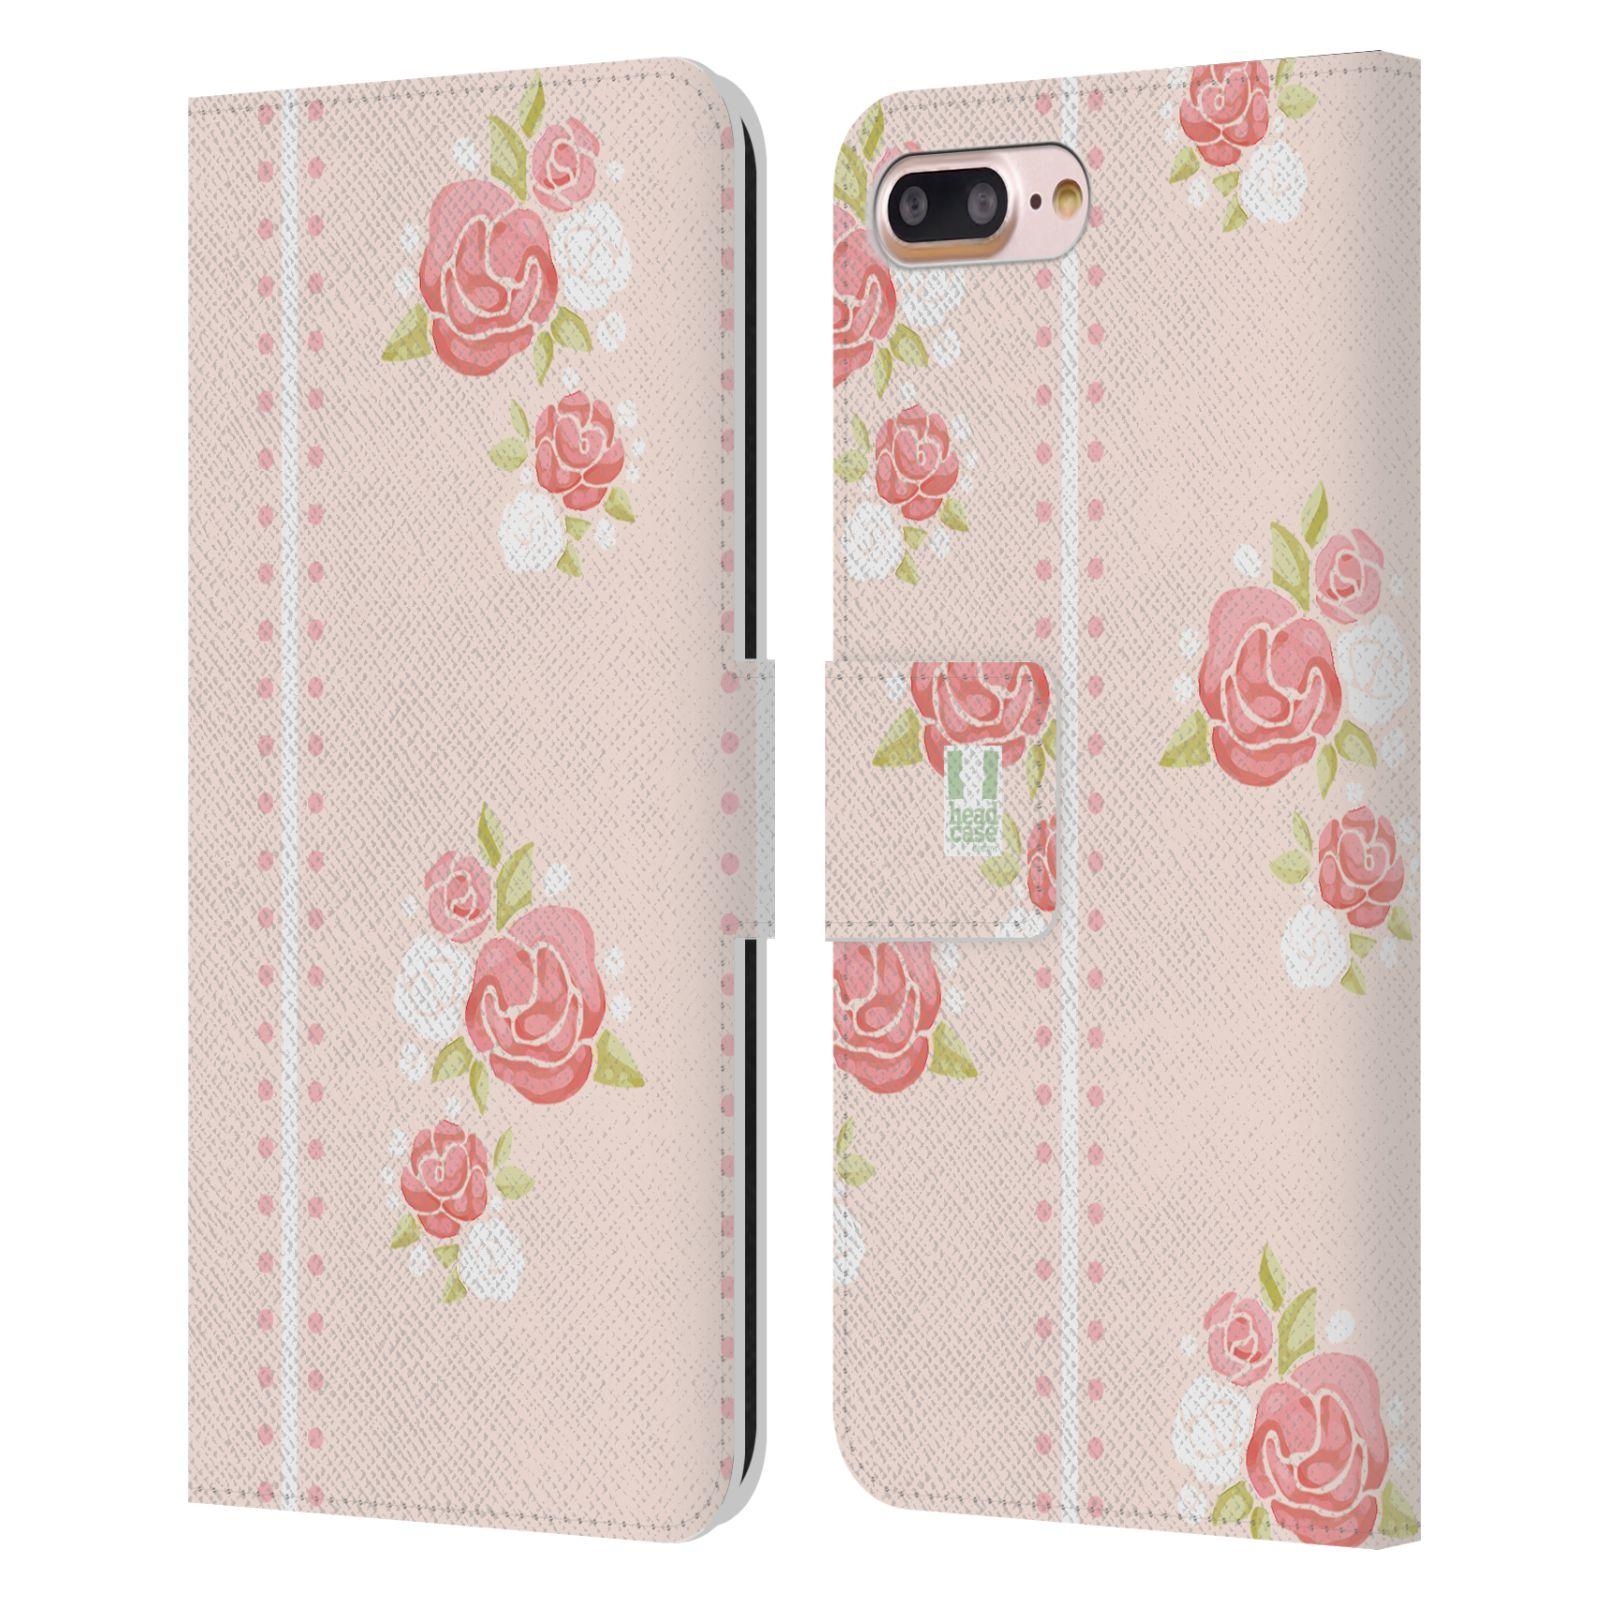 HEAD CASE Flipové pouzdro pro mobil Apple Iphone 7 PLUS / 8 PLUS Francouzský venkov pruhy a růže růžová barva